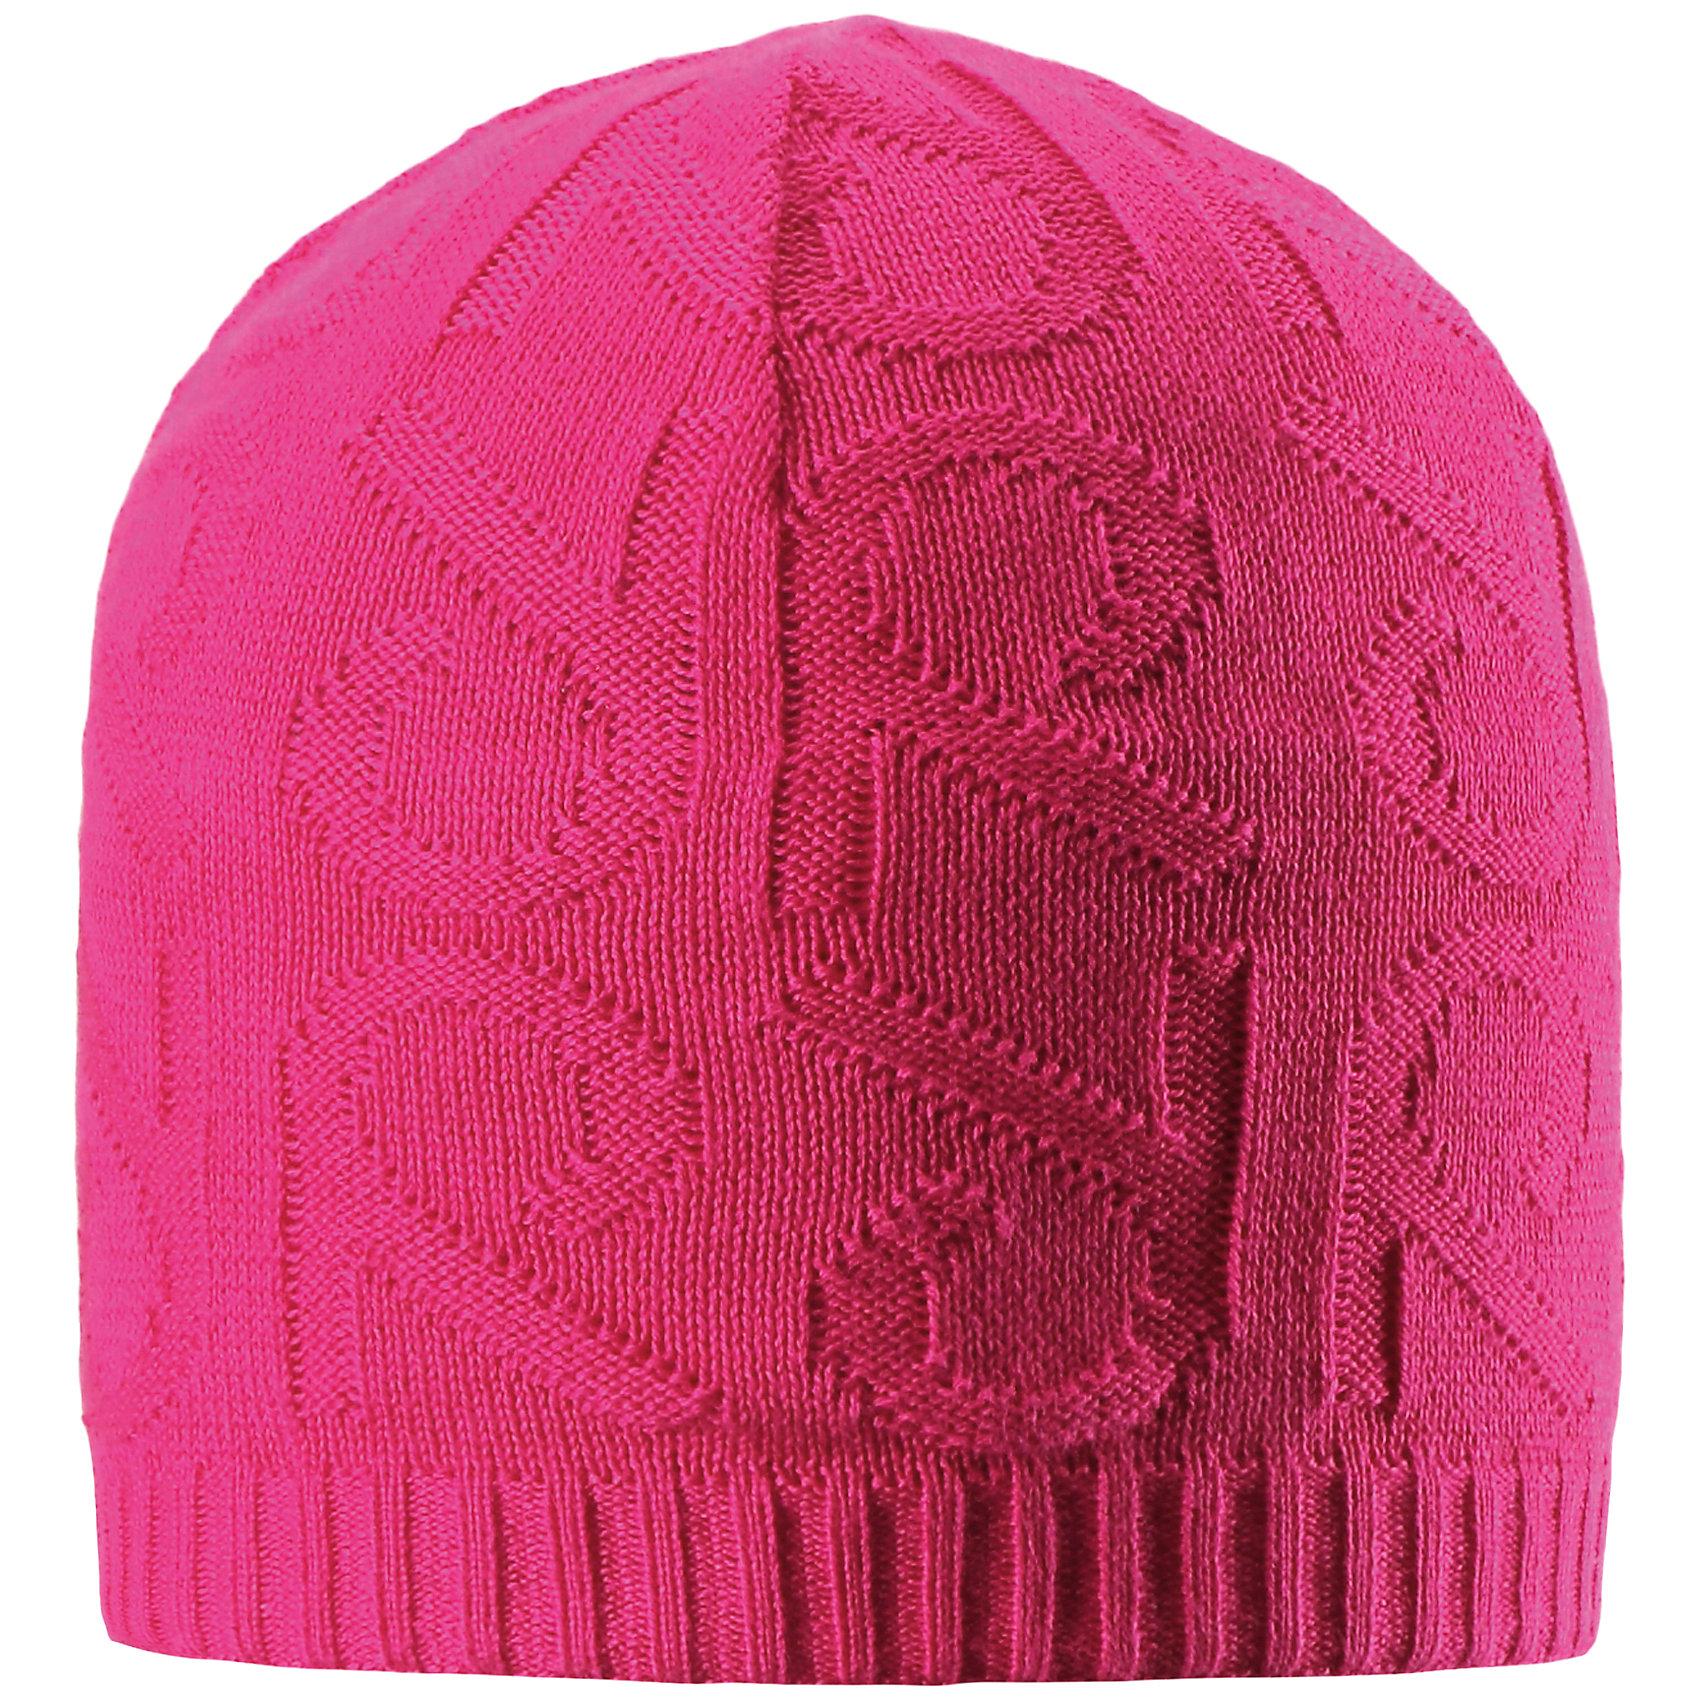 Шапка Ankkuri для девочки ReimaШапки и шарфы<br>Характеристики товара:<br><br>• цвет: фуксия<br>• состав: 100% хлопок<br>• температурный режим: от +7С<br>• эластичный хлопковый трикотаж<br>• изделие сертифицированно по стандарту Oeko-Tex на продукцию класса 2 - одежда, контактирующая с кожей<br>• ветронепроницаемые вставки в области ушей<br>• полуподкладка: хлопковый трикотаж<br>• эмблема Reima сзади<br>• декортивная структурная вязка<br>• светоотражающая эмблема сзади<br>• страна бренда: Финляндия<br>• страна производства: Китай<br><br>Детский головной убор может быть модным и удобным одновременно! Стильная шапка поможет обеспечить ребенку комфорт и дополнить наряд.Шапка удобно сидит и аккуратно выглядит. Проста в уходе, долго служит. Стильный дизайн разрабатывался специально для детей. Отличная защита от дождя и ветра!<br><br>Уход:<br><br>• стирать по отдельности, вывернув наизнанку<br>• придать первоначальную форму вo влажном виде<br>• возможна усадка 5 %.<br><br>Шапку от финского бренда Reima (Рейма) можно купить в нашем интернет-магазине.<br><br>Ширина мм: 89<br>Глубина мм: 117<br>Высота мм: 44<br>Вес г: 155<br>Цвет: розовый<br>Возраст от месяцев: 18<br>Возраст до месяцев: 36<br>Пол: Женский<br>Возраст: Детский<br>Размер: 50,52,56,54<br>SKU: 5267945